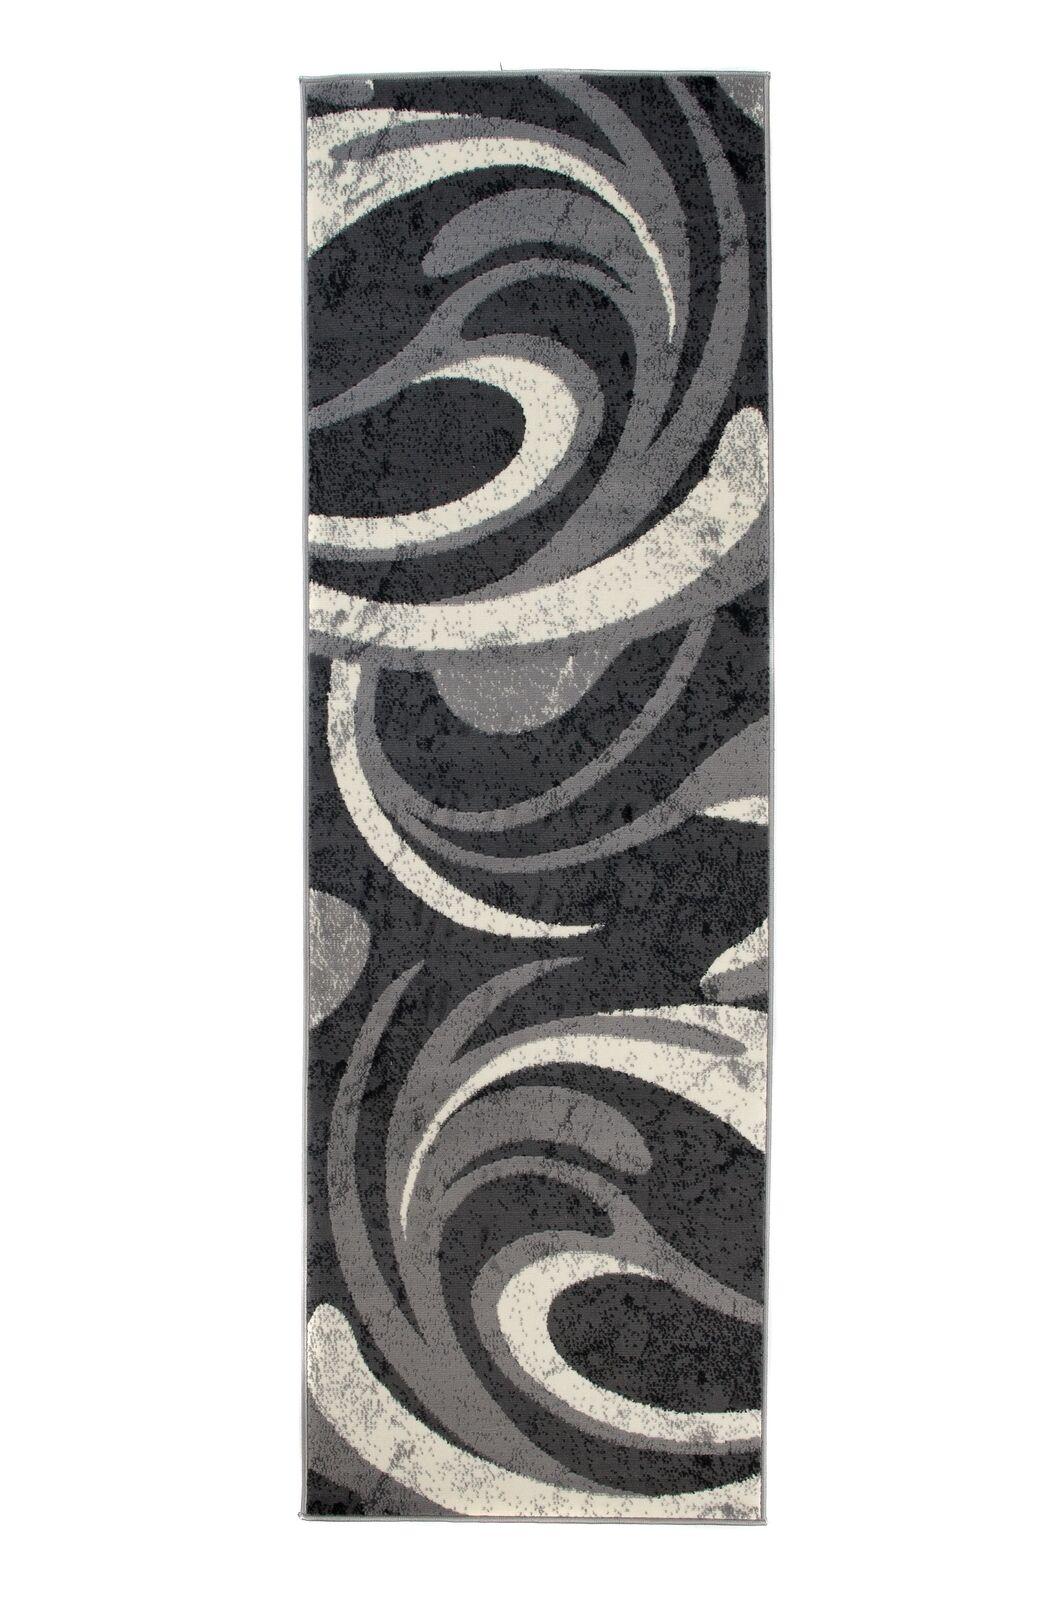 Läufer Läufer Läufer Teppich Grau Küche Flur Kurzflor Modern 70x200 80x200 100x300 + | Rich-pünktliche Lieferung  ccfea8